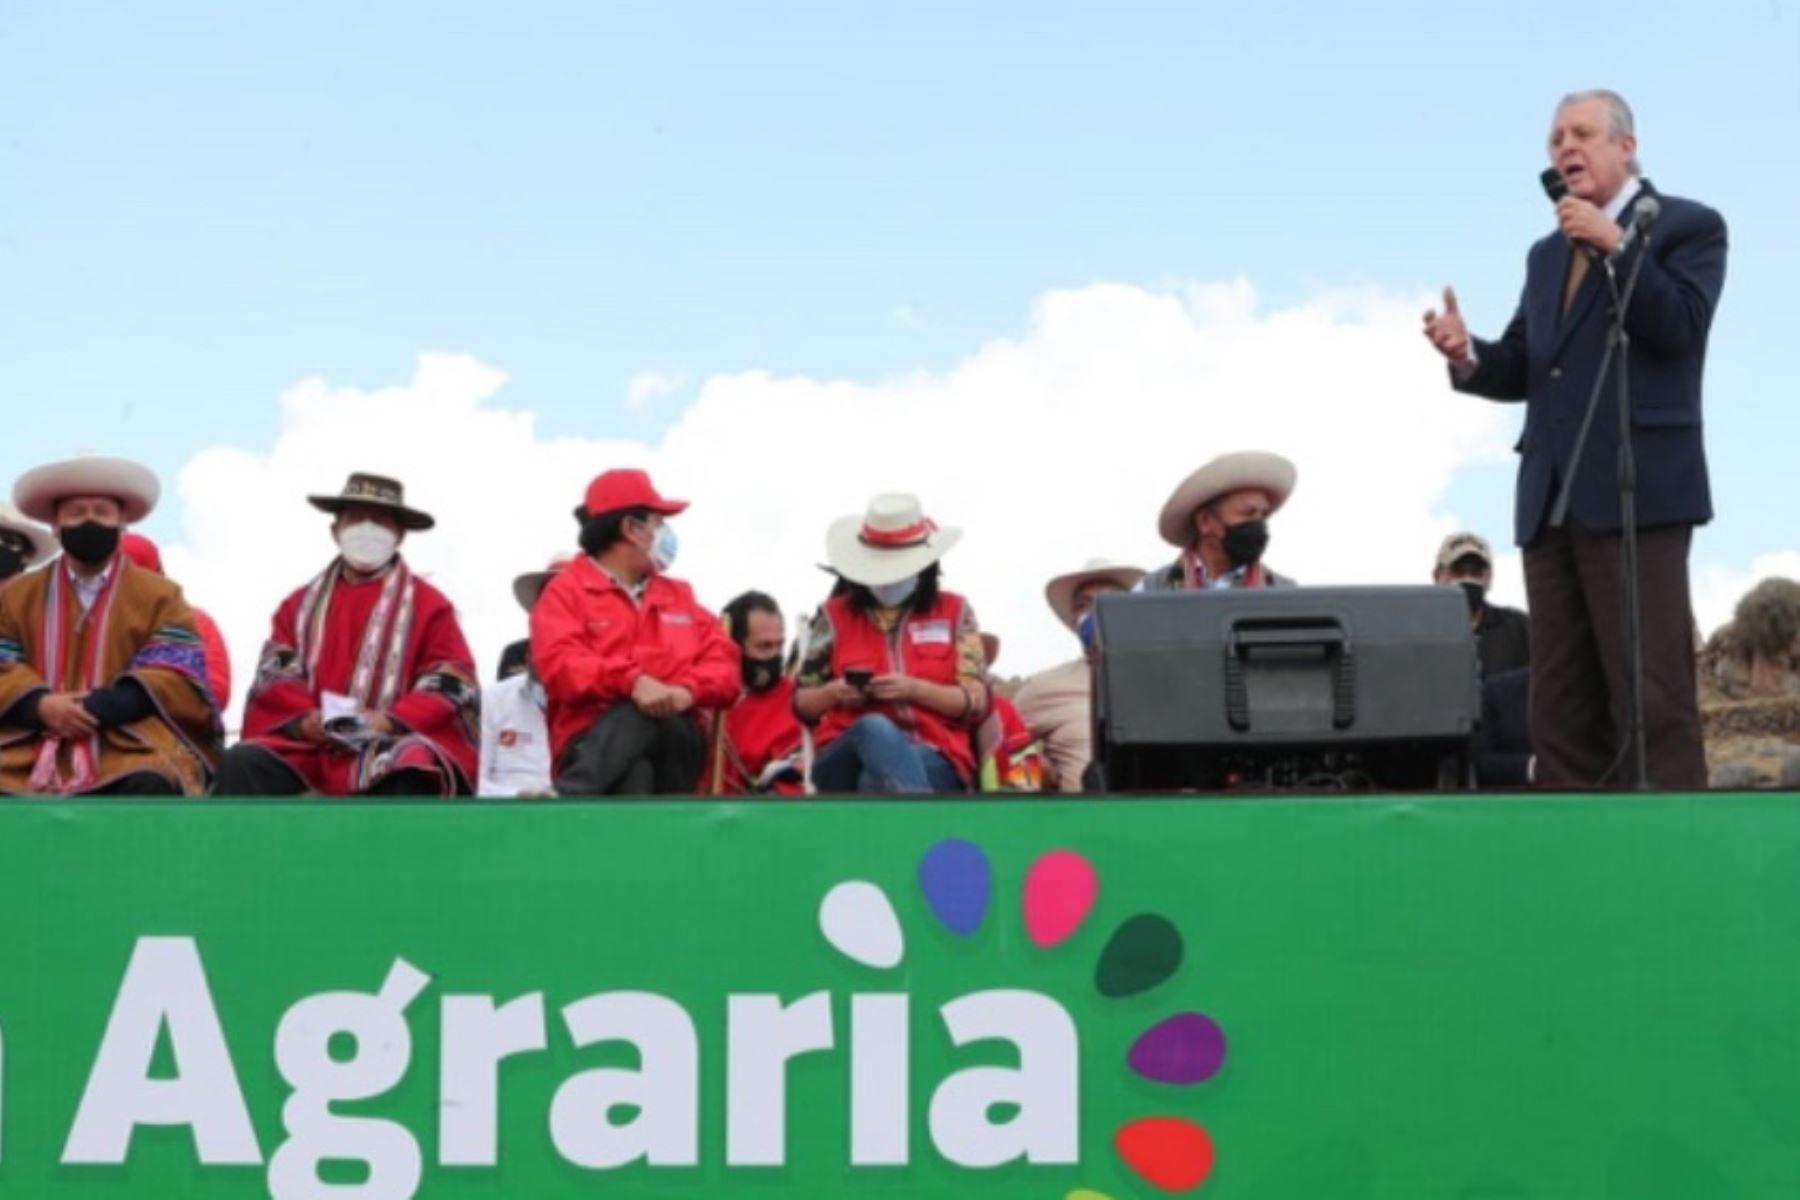 Cancillería apoyará a viabilizar programas contemplados en la segunda reforma agraria